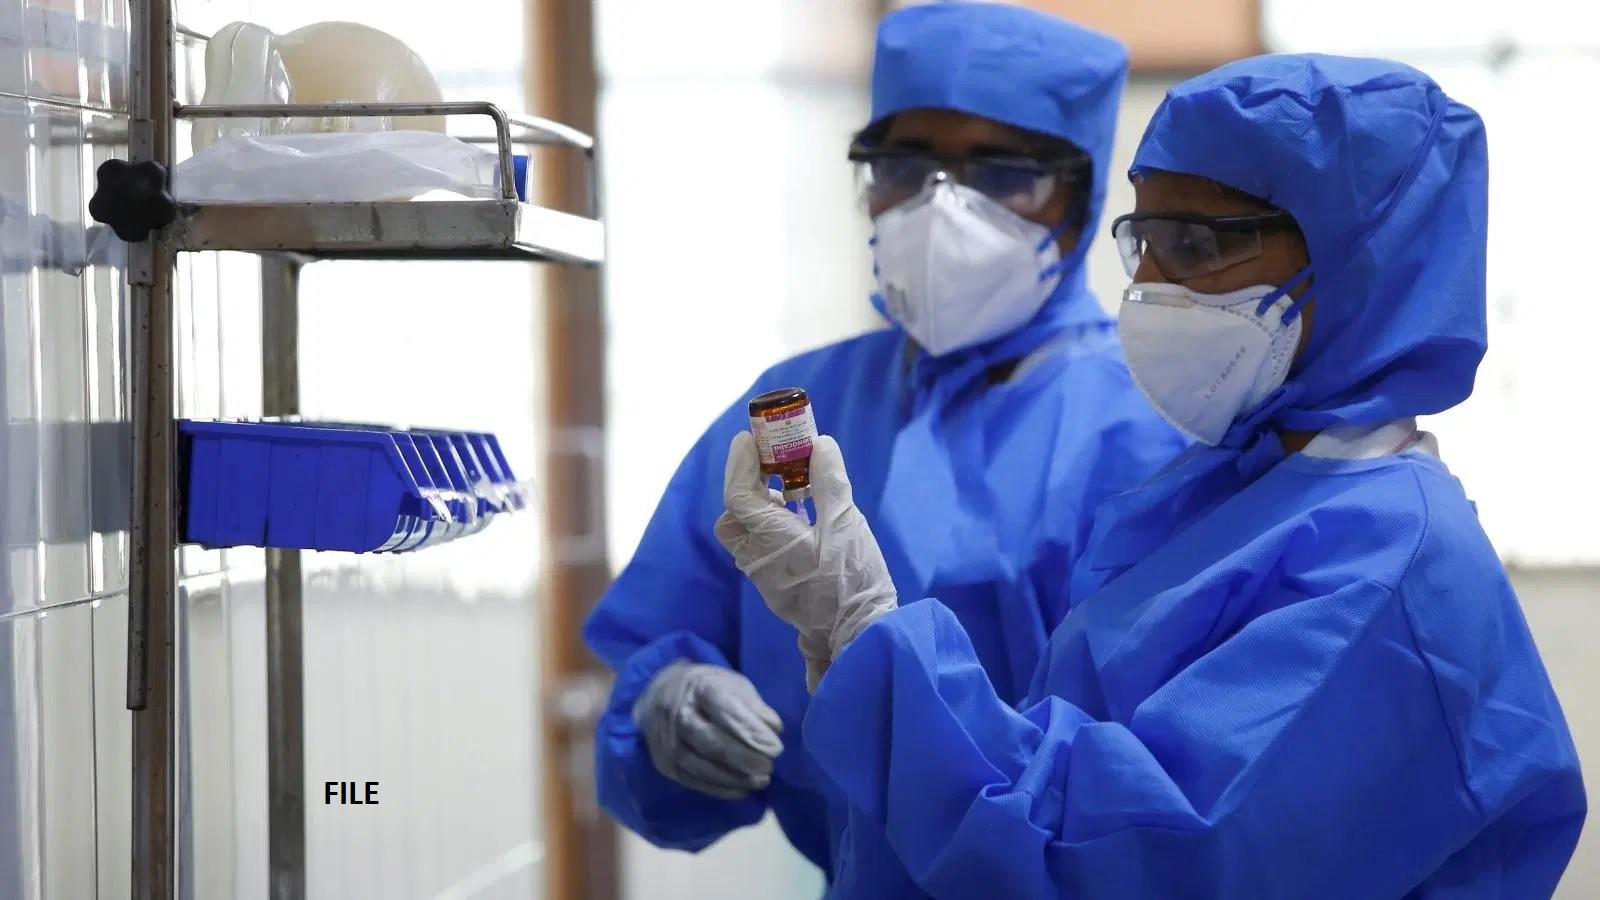 कोरोना के इलाज के लिए जल्द आएगी नई एंटी वायरल दवा, अस्पताल में नहीं होना पड़ेगा भर्ती